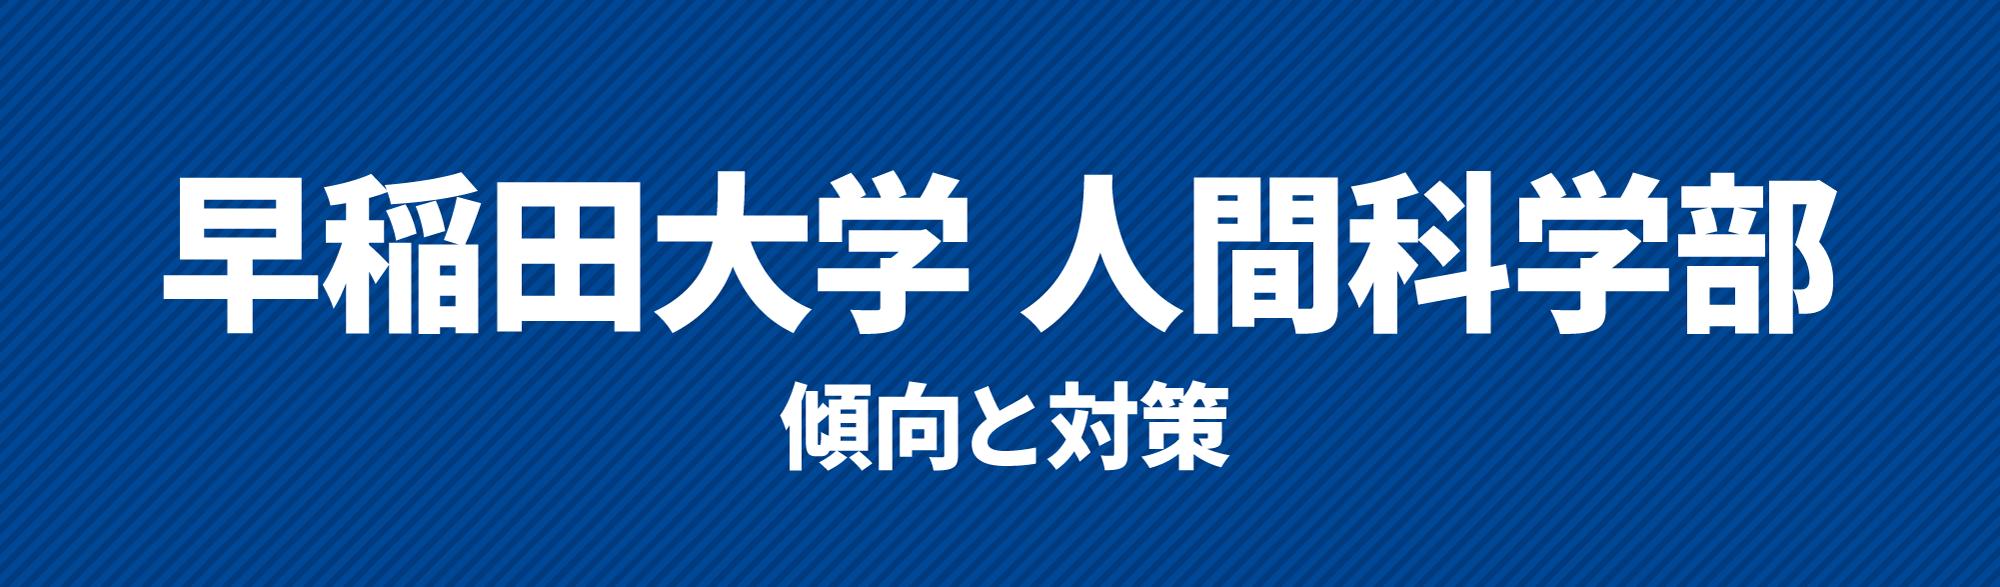 早稲田大学人間科学部傾向と対策